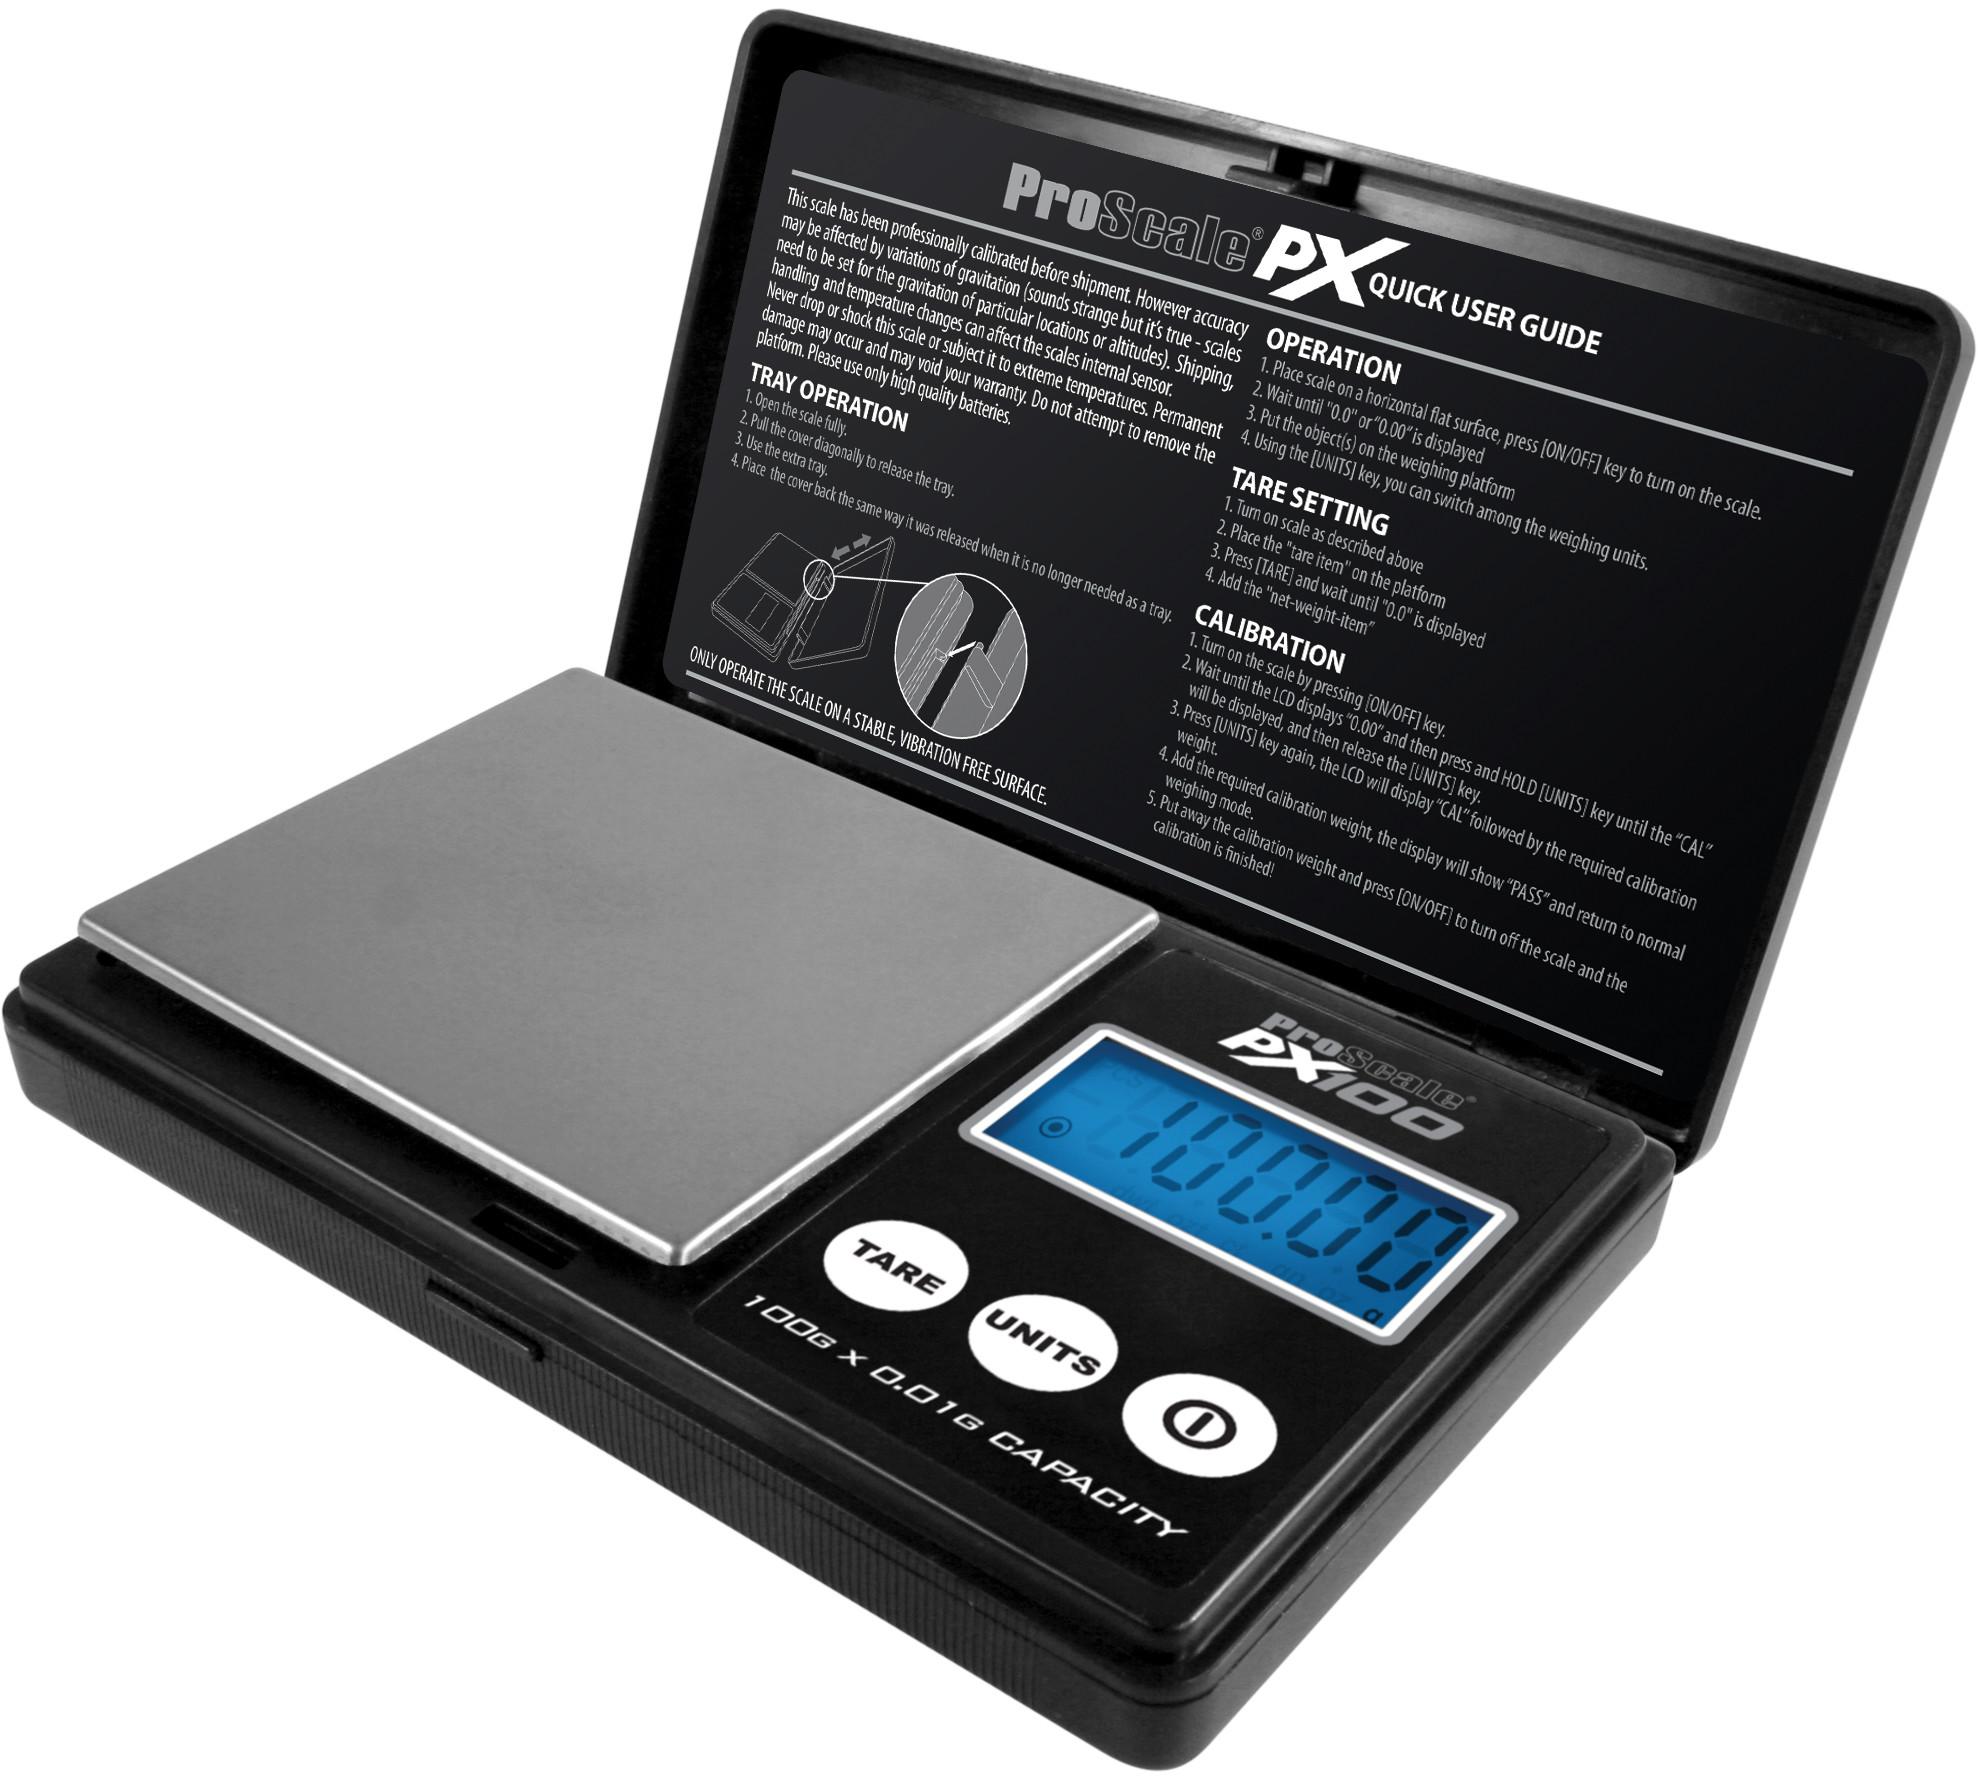 Lommevægt ProScale PX (100 x 0.01 gr.) (Vejeplade 76,8 x 67,3 mm)